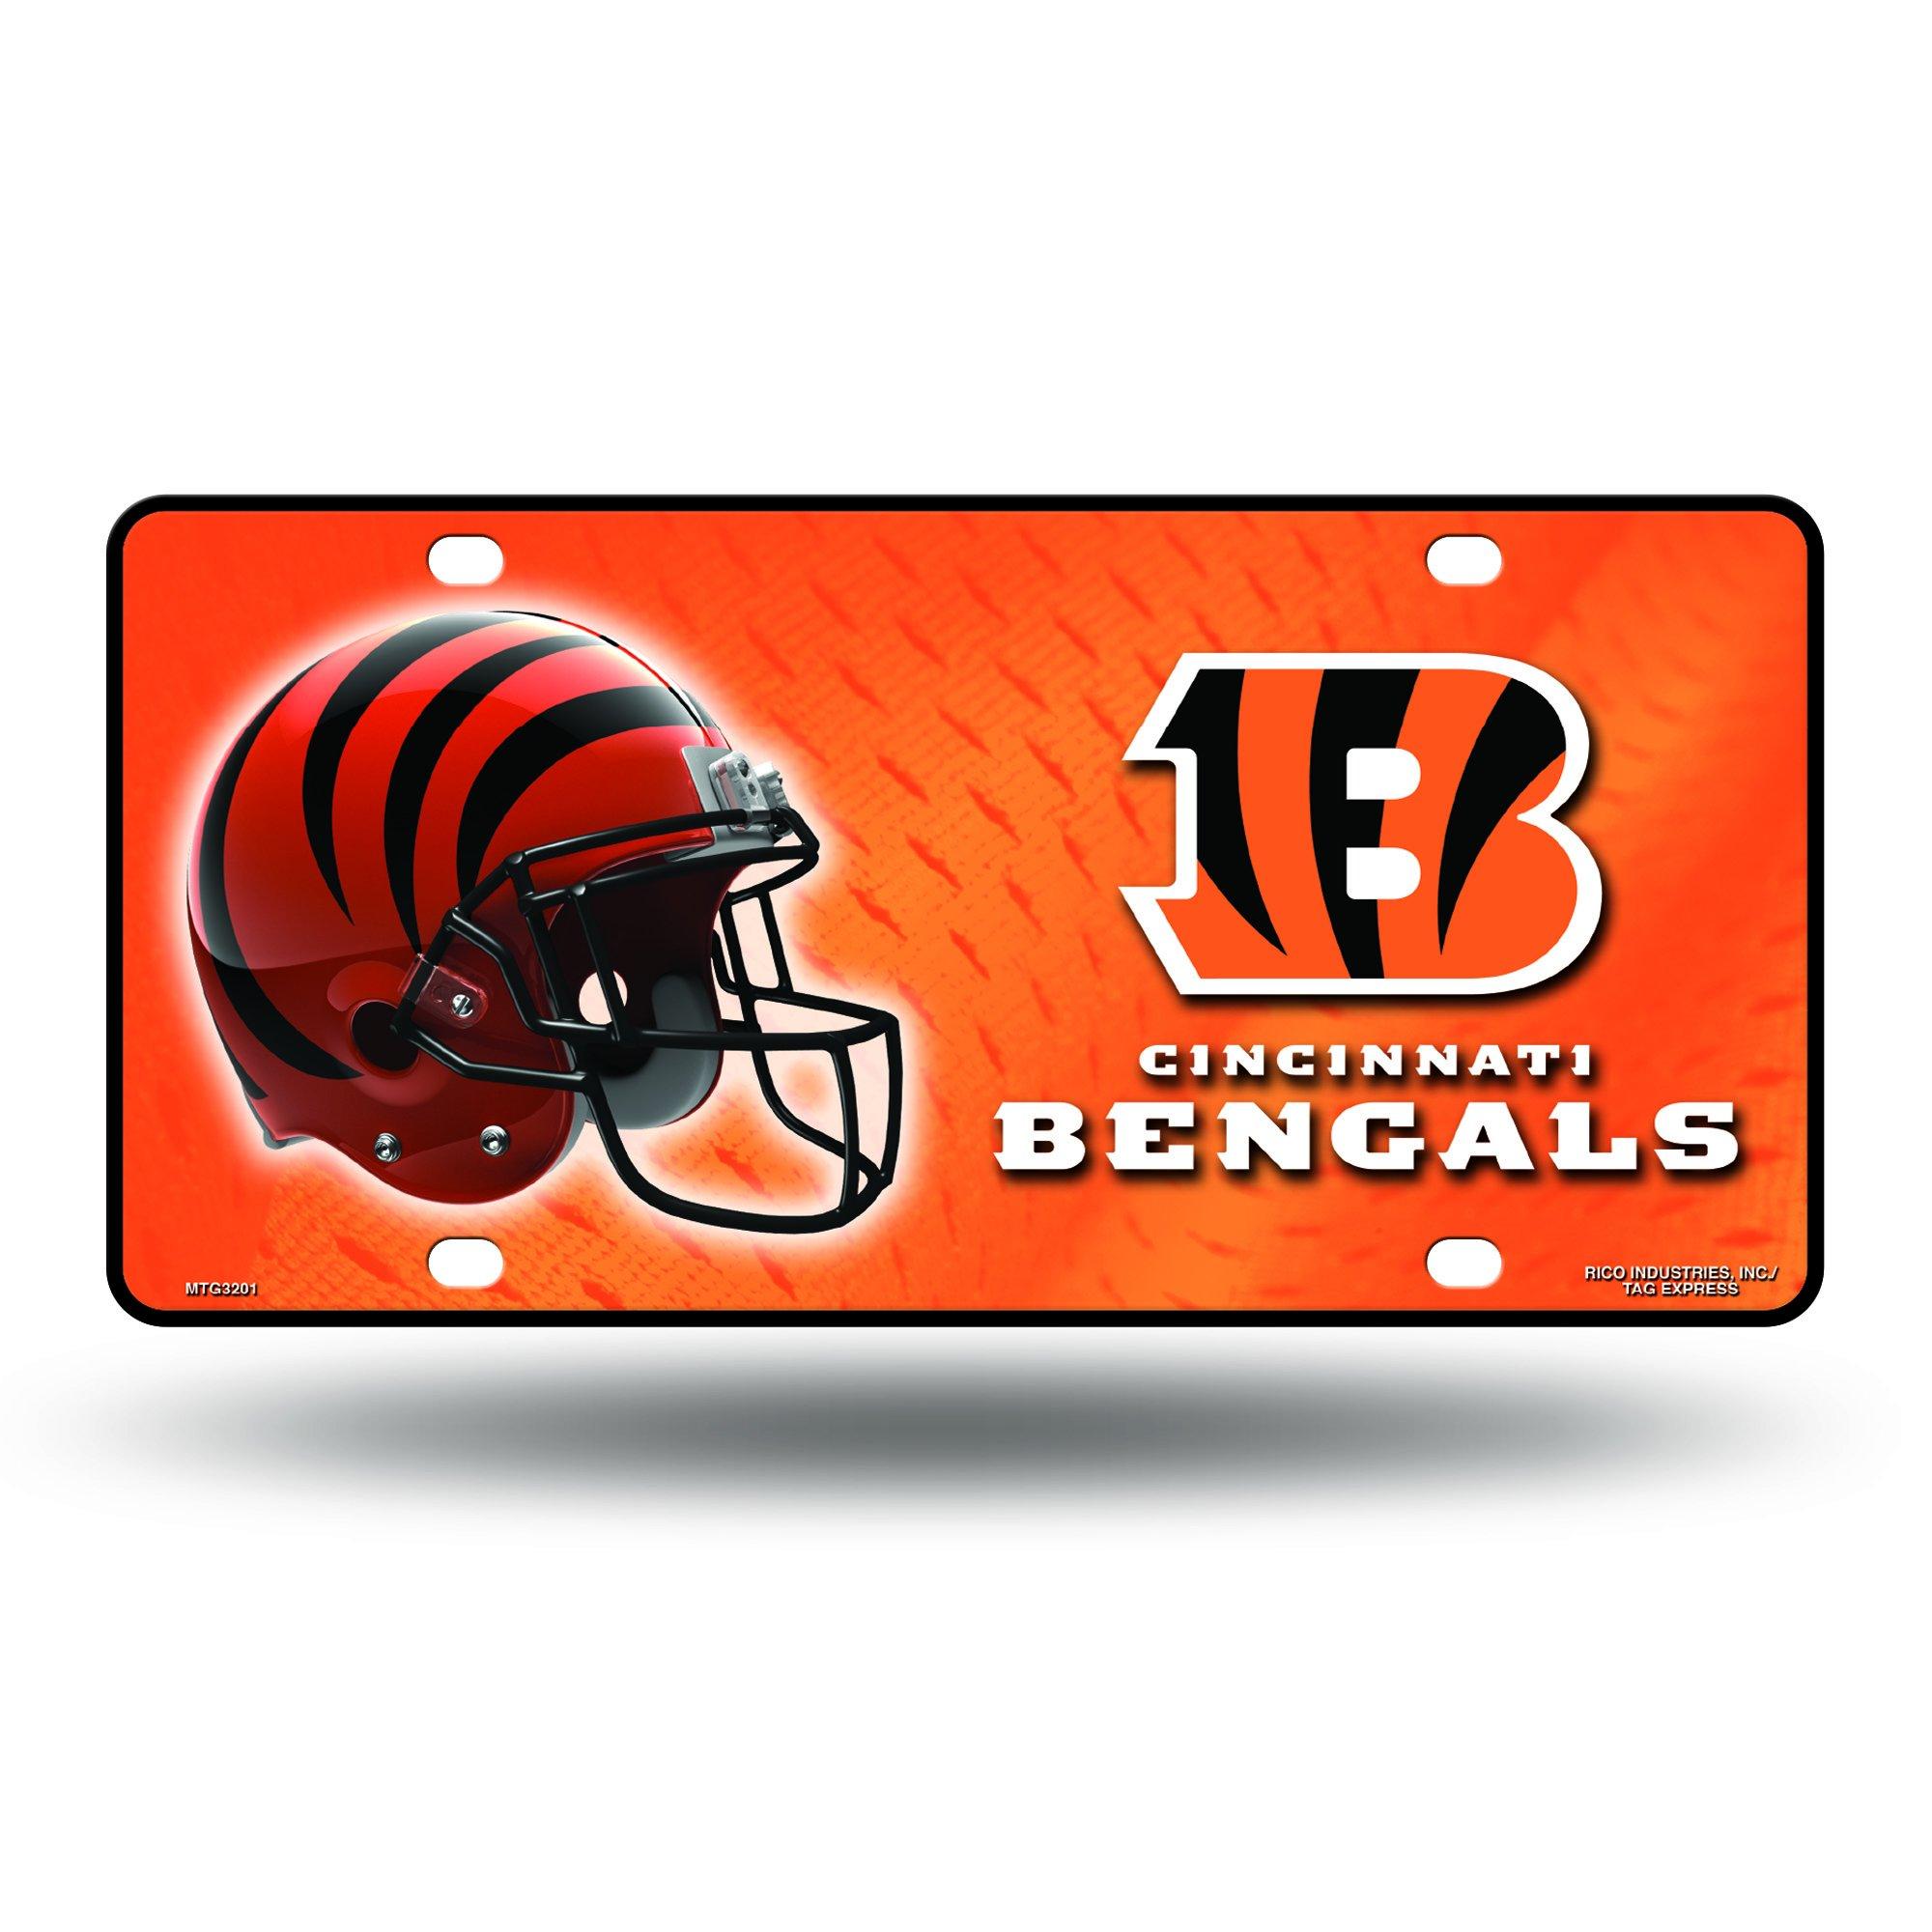 NFL Cincinnati Bengals Metal License Plate Tag